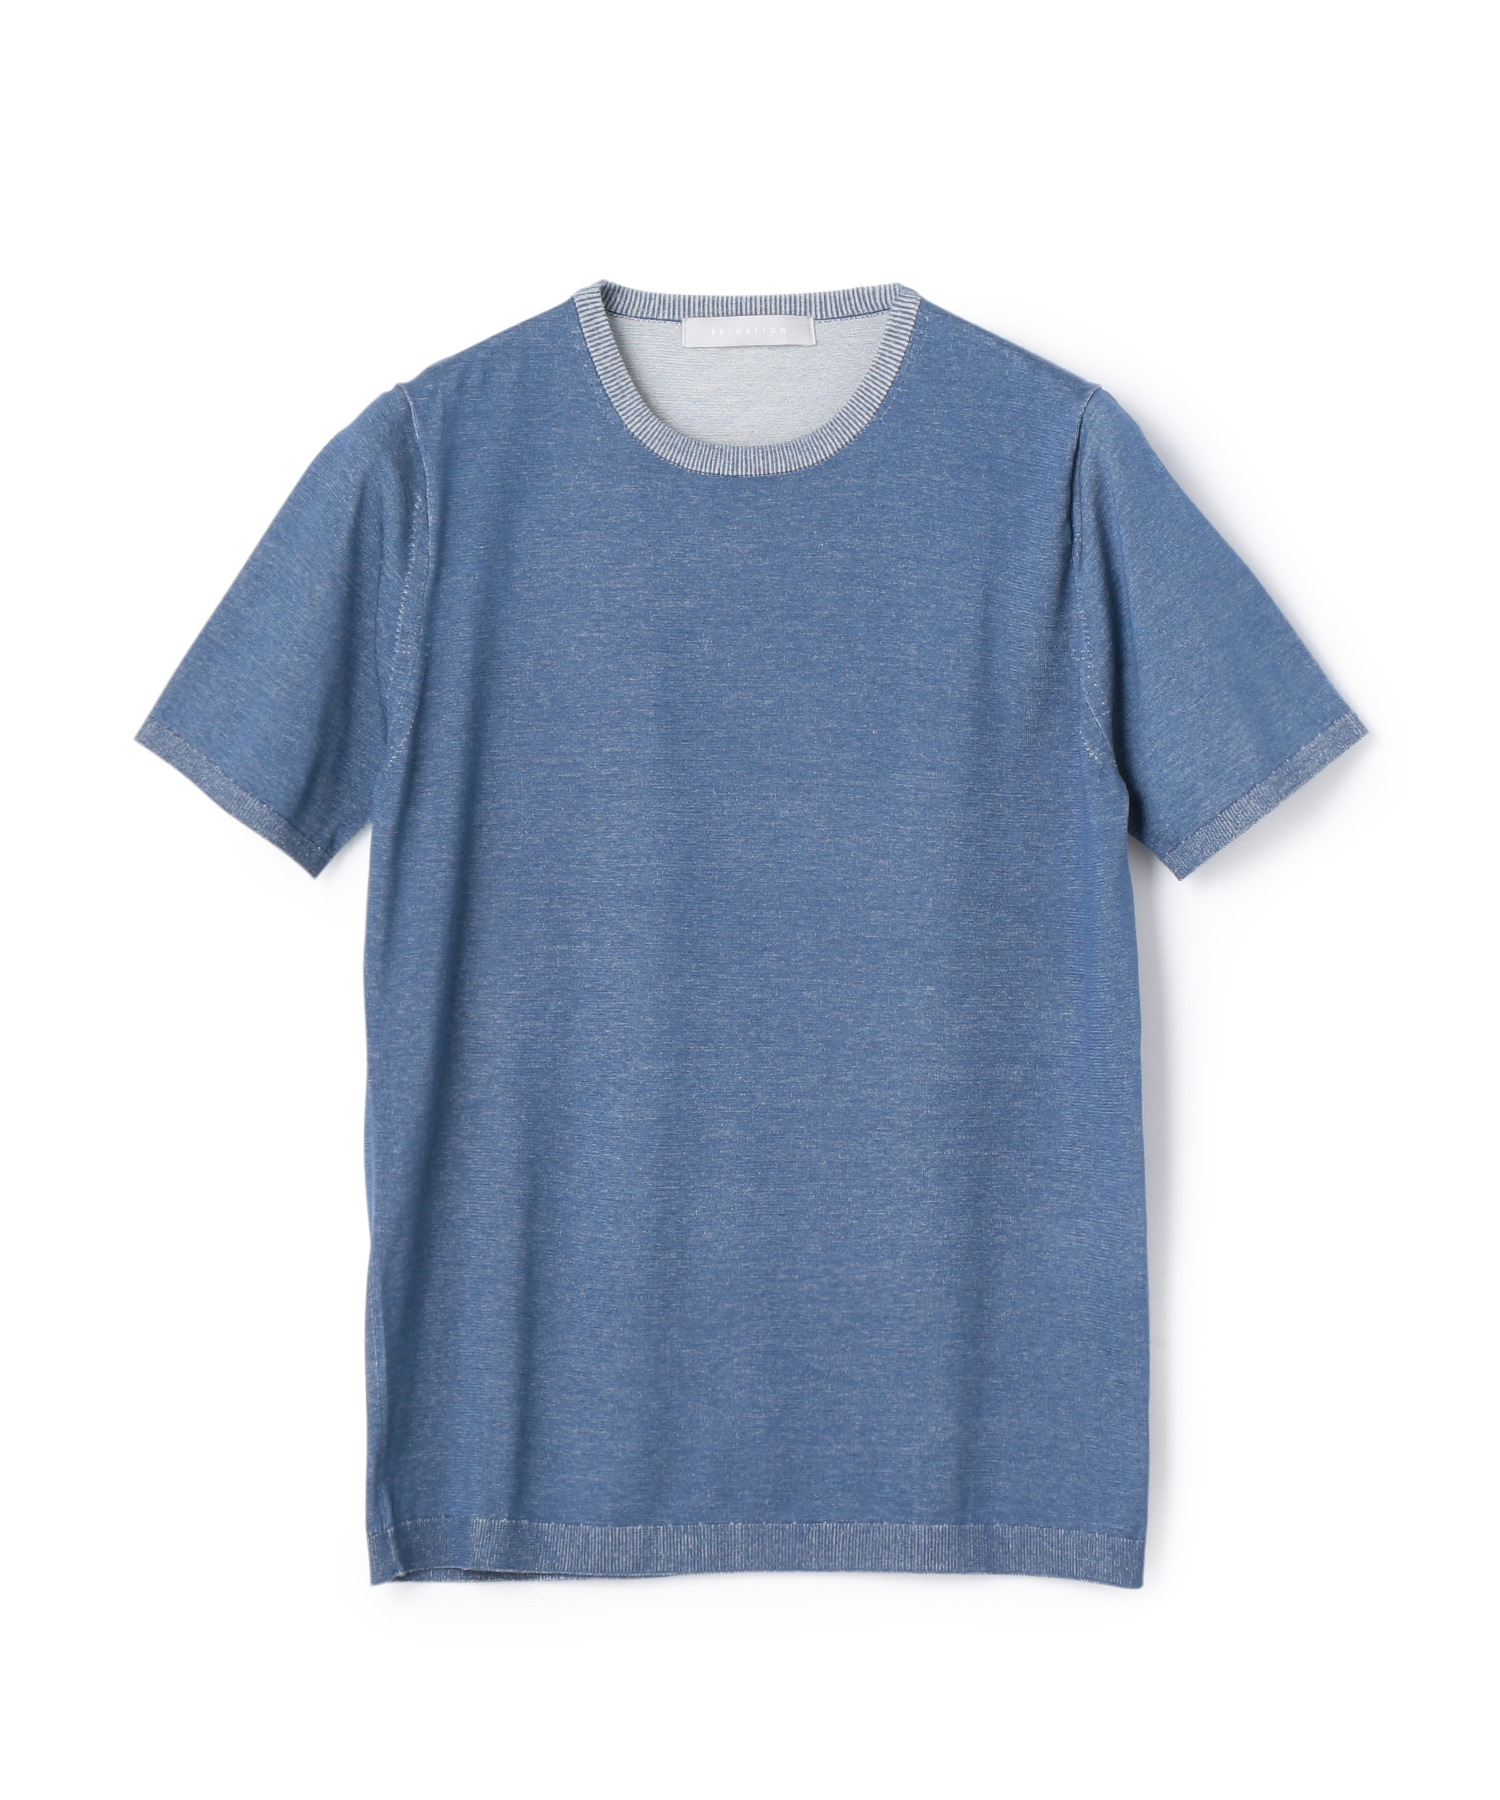 ESTNATION / ウォッシャブル半袖ニットTシャツ